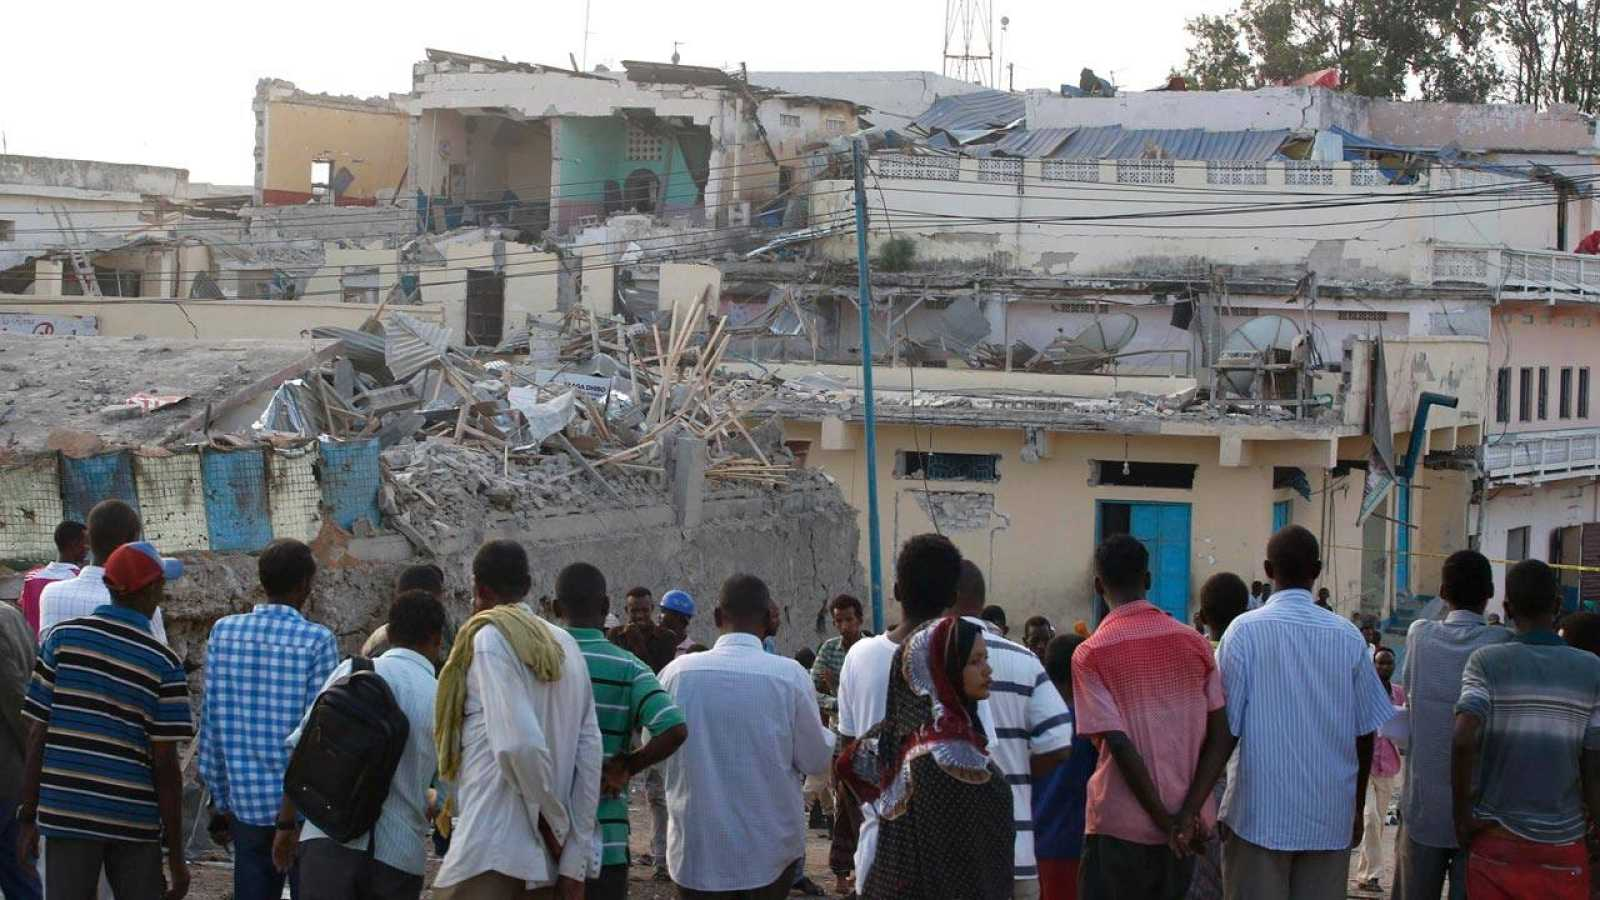 Un grupo de somalíes observan el destrozo causado por un coche bomba de Al Shabab en un hotel de Mogadiscio, a finales de febrero